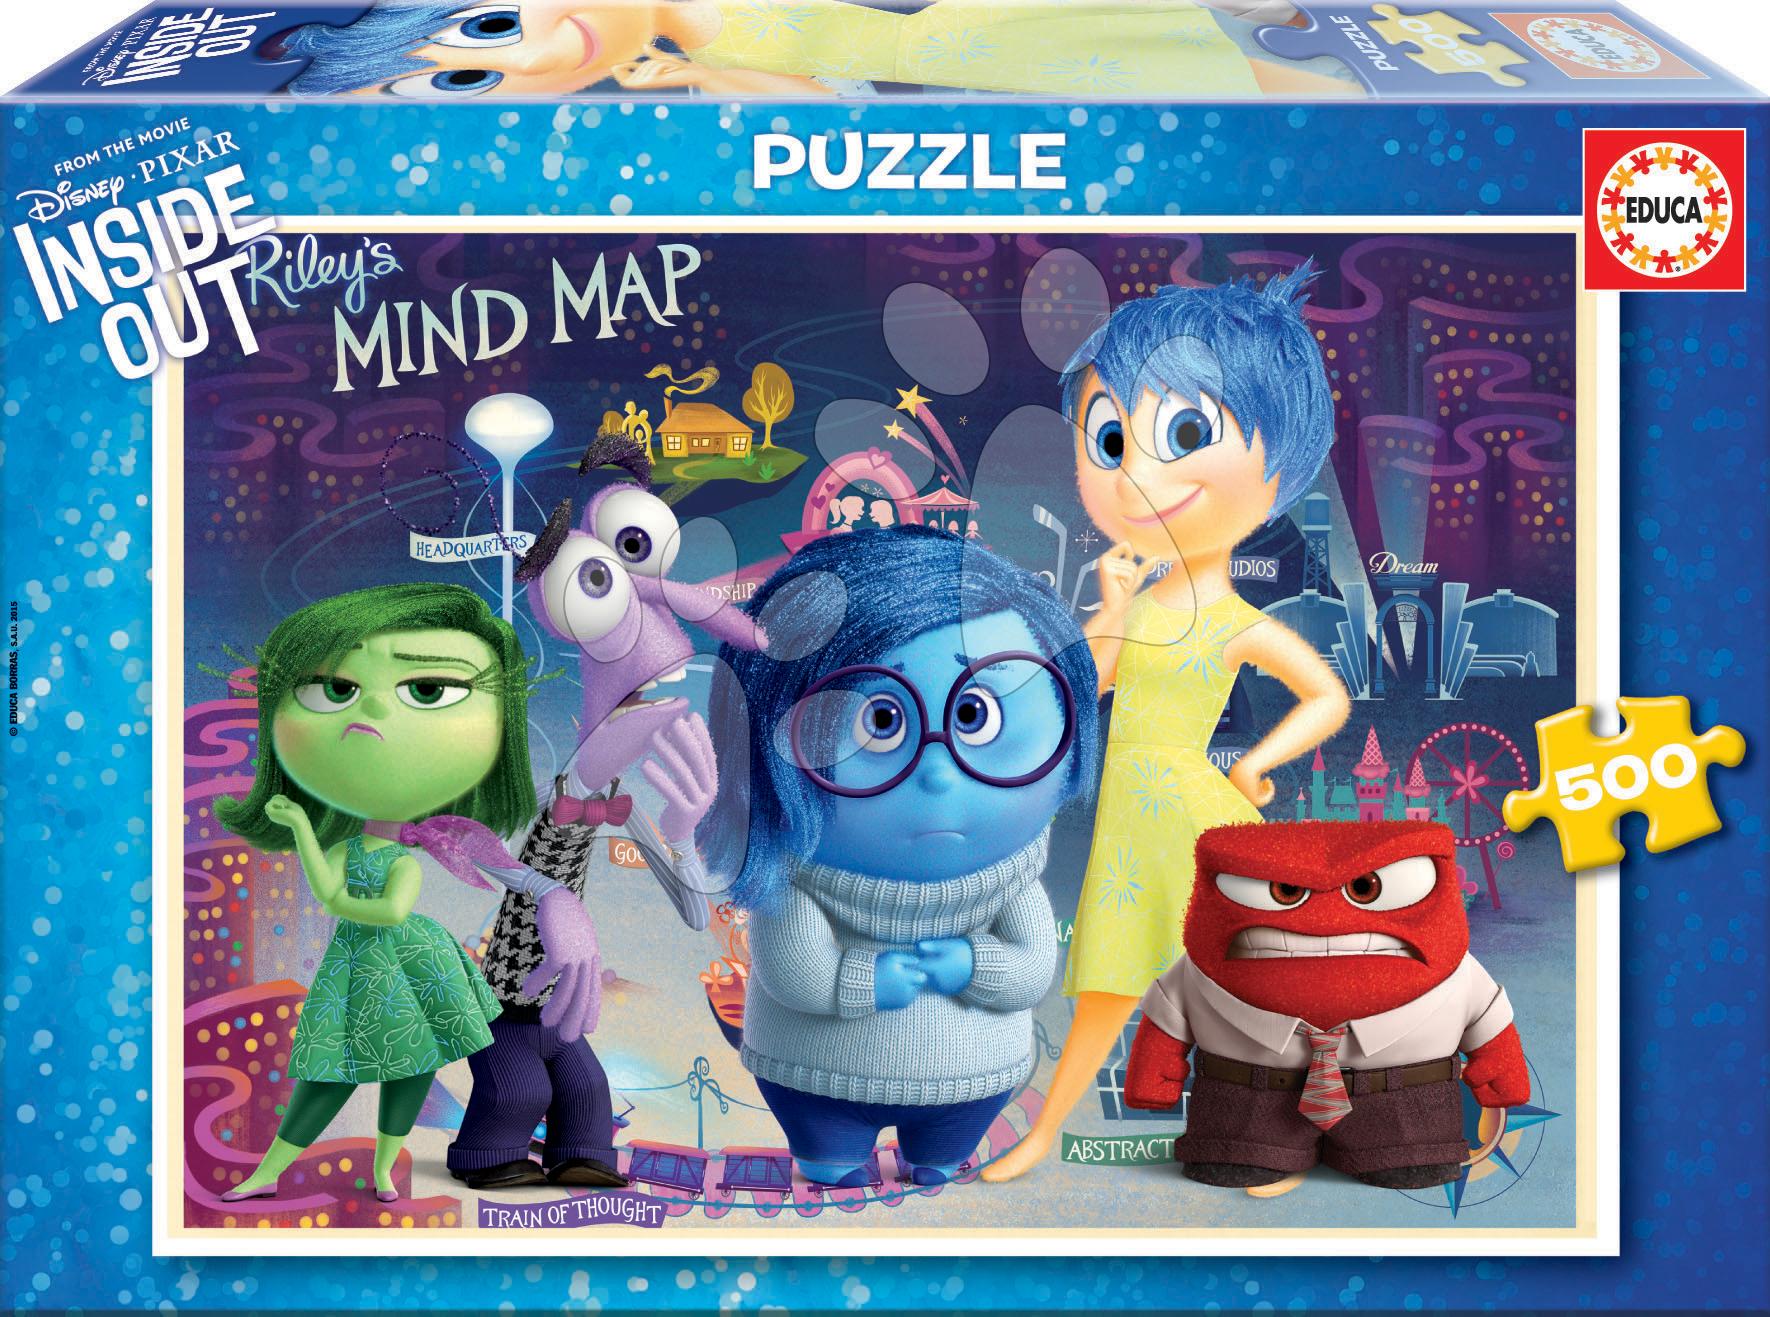 Puzzle 500 dielne - Puzzle V hlave Educa 500 dielov od 11 rokov